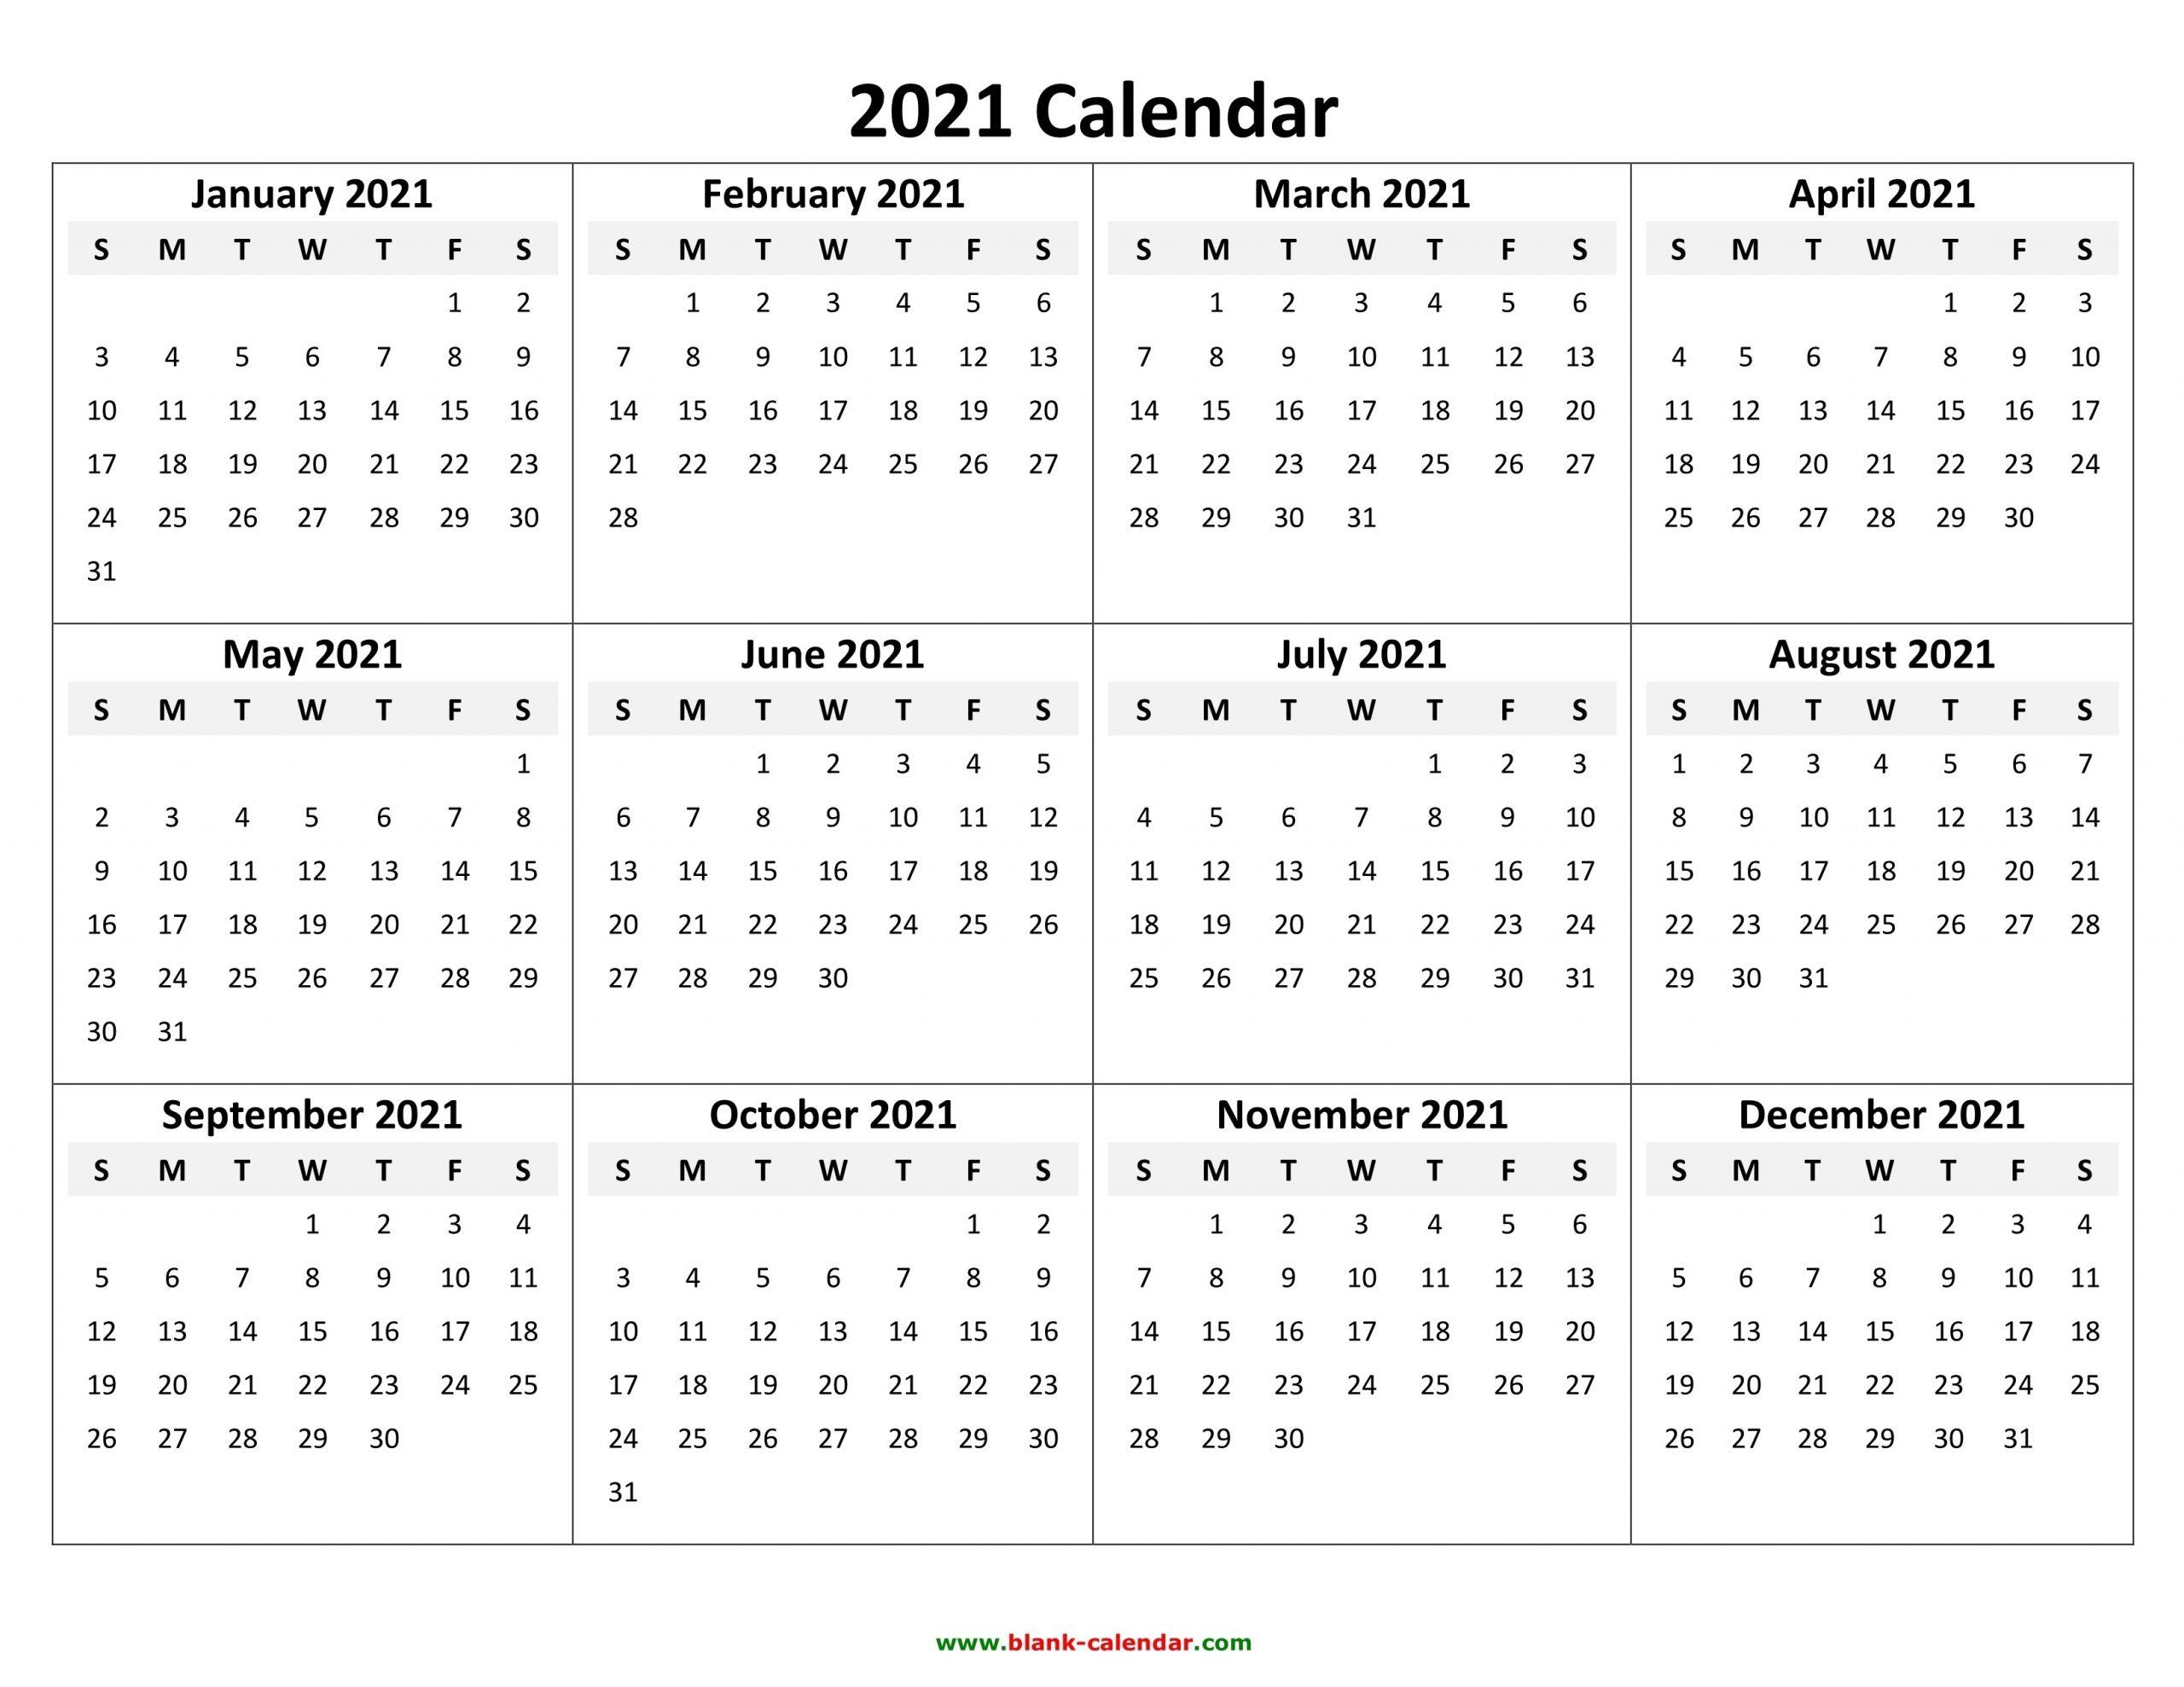 Get 2021 Work Schedule